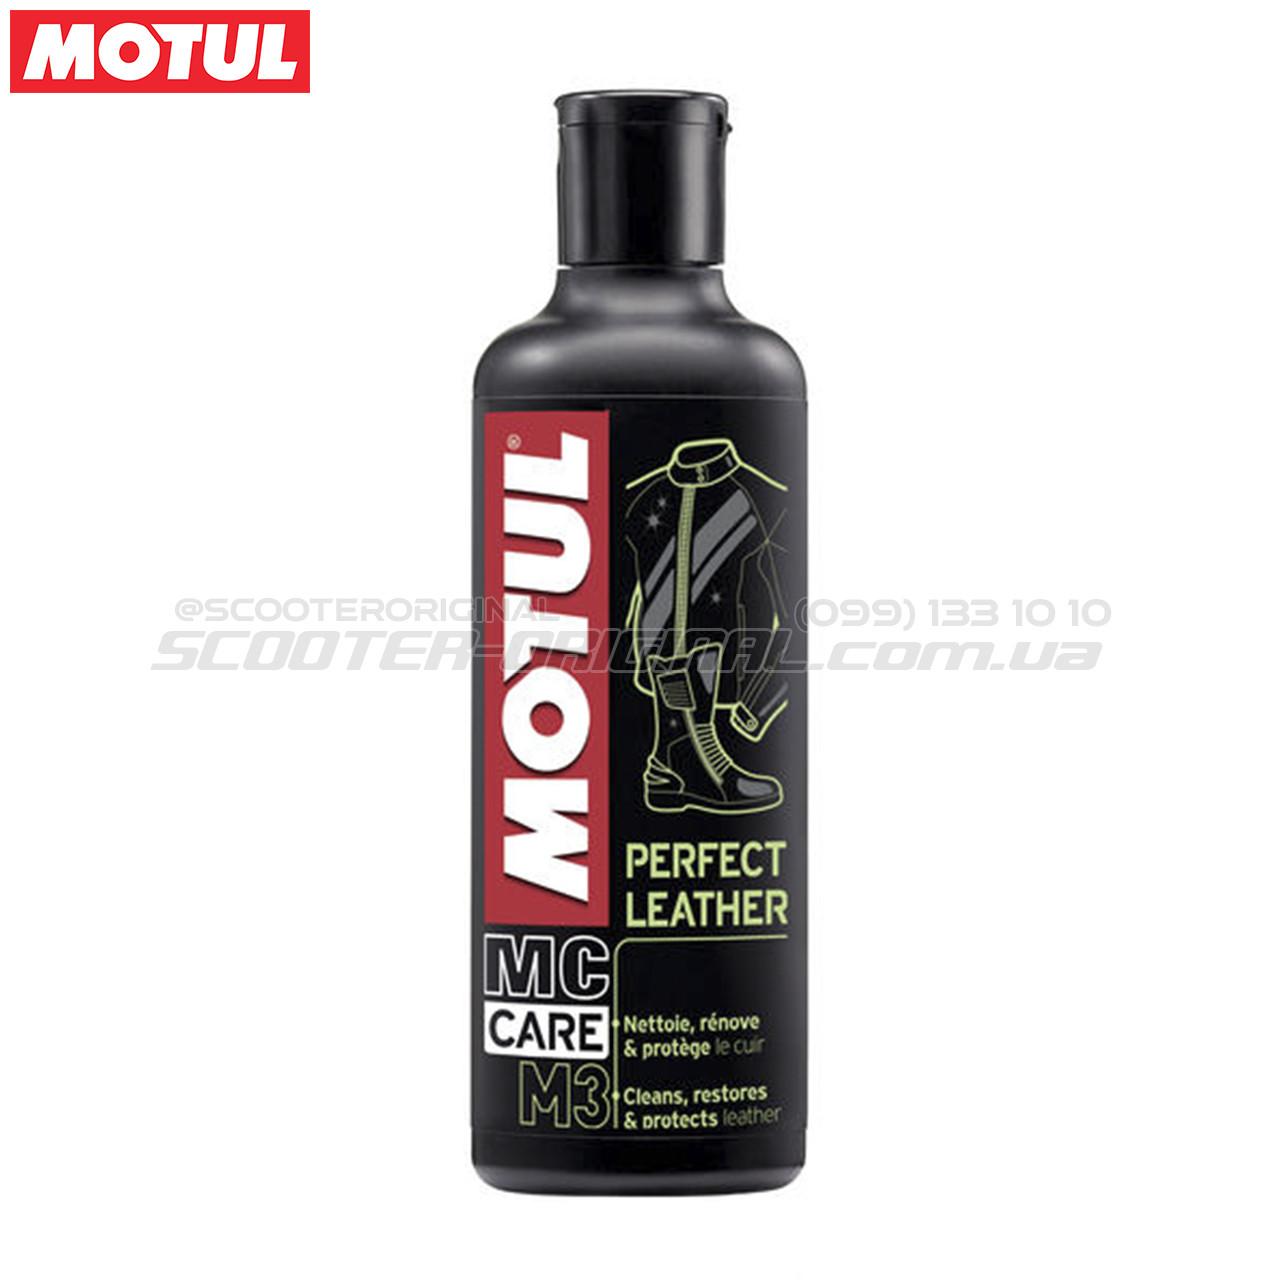 Очисник та кондиціонер шкіряних виробів MOTUL M3 Perfect Leather (250 мл)